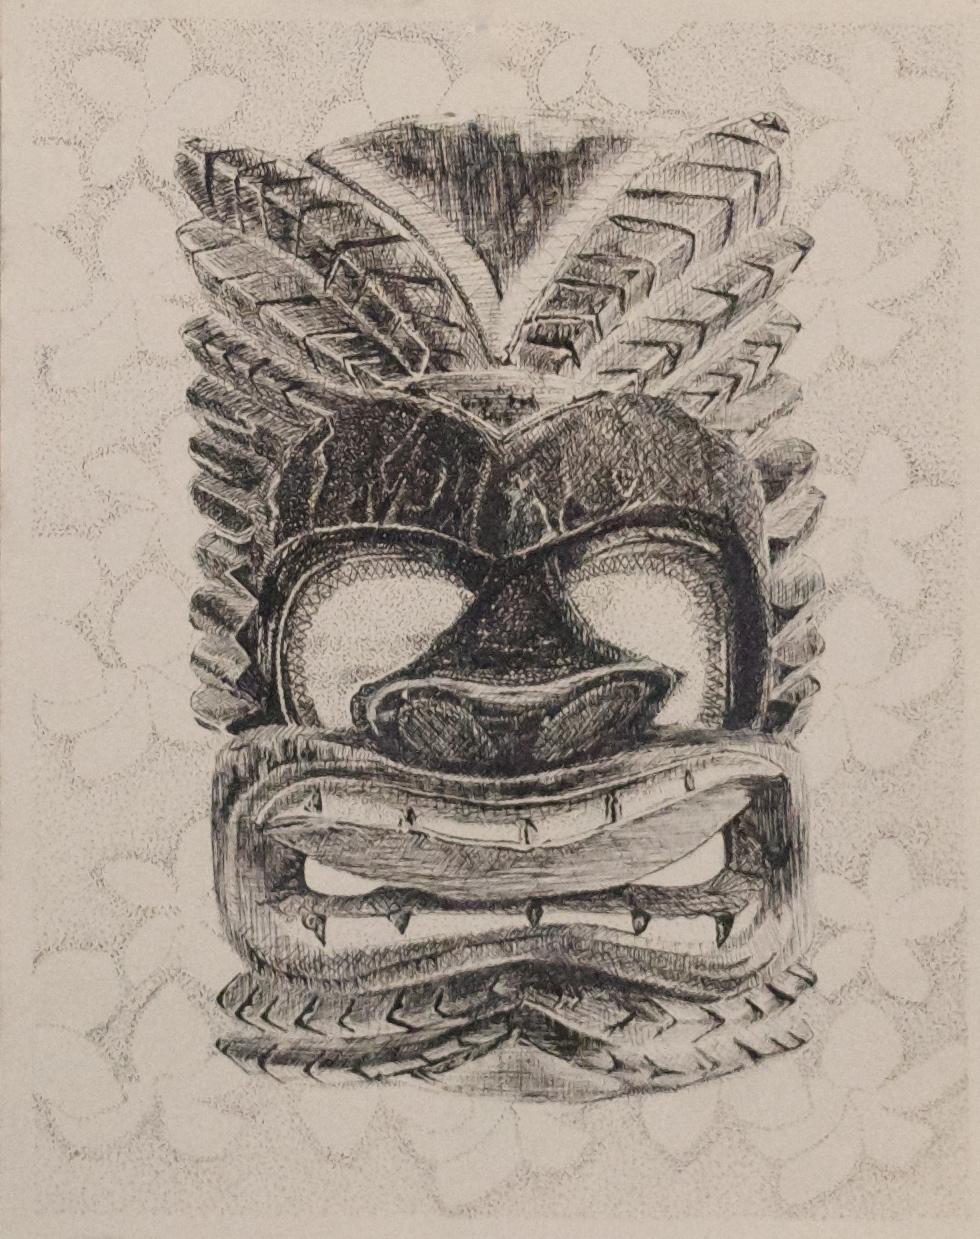 Tiki Prosperity_NGalloway